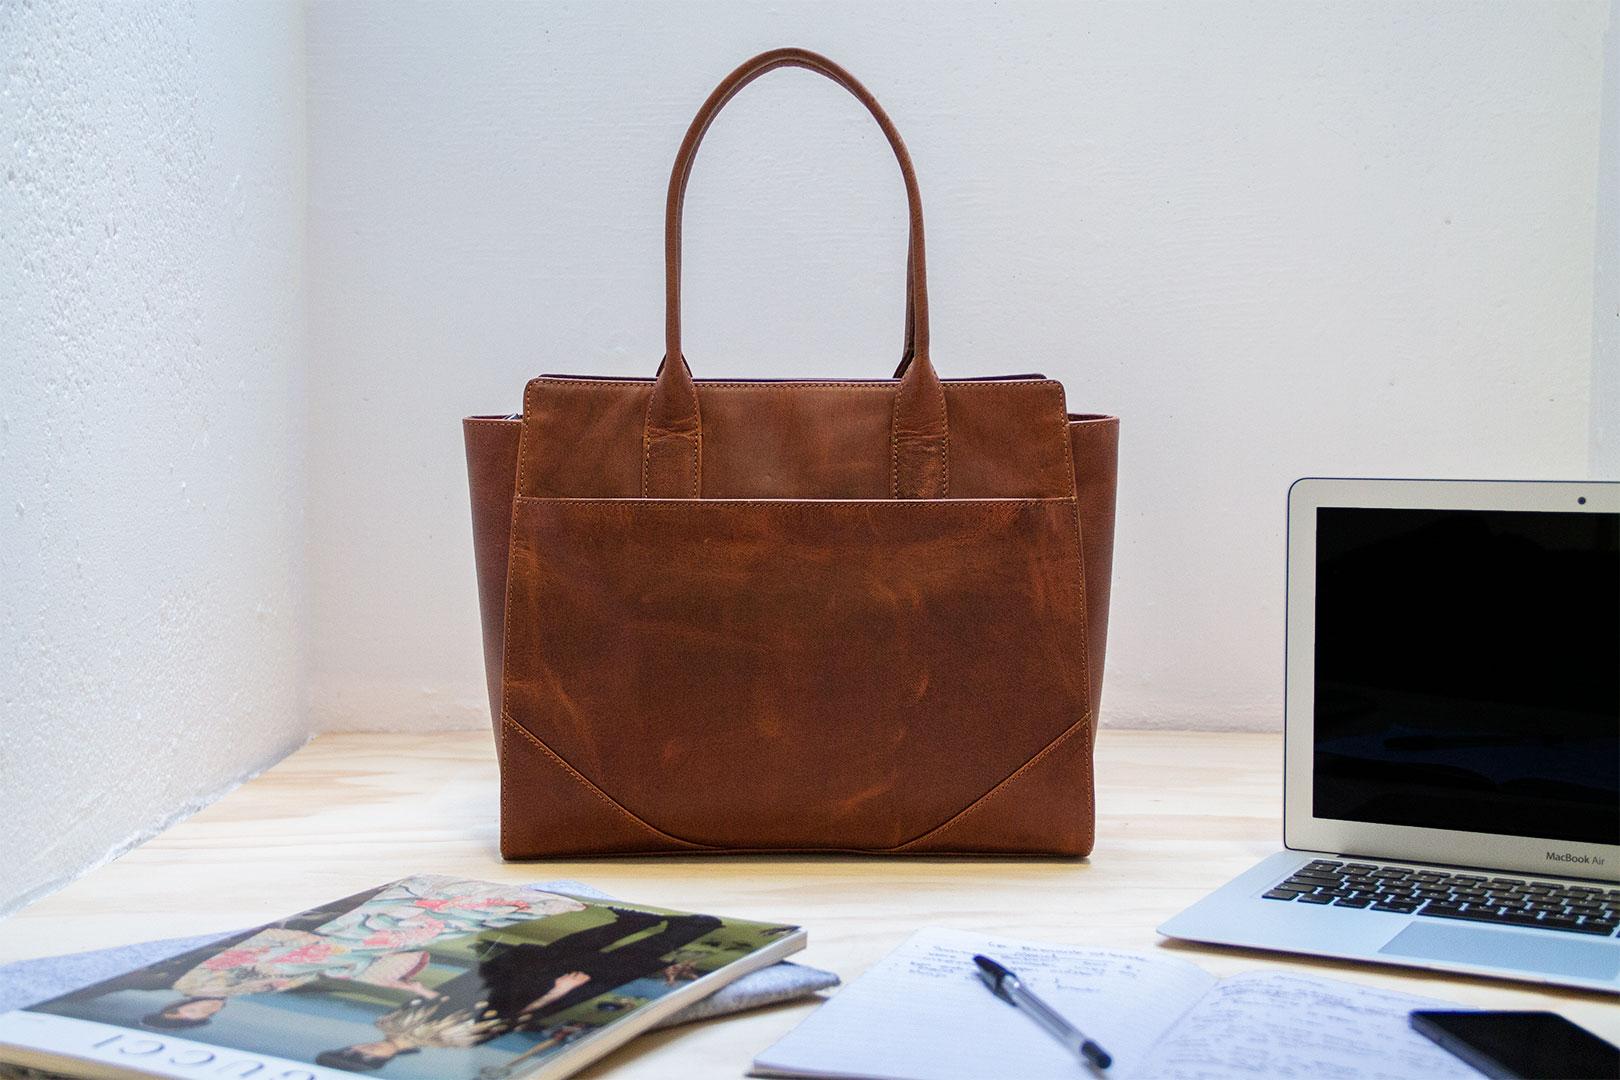 Skuldertaske til kvinder i mahognifarvet læder smukt enkelt design i ægte læder arbejdstaske hverdagstaske skoletaske fra Birkmond lædervarer tasker Aarhus